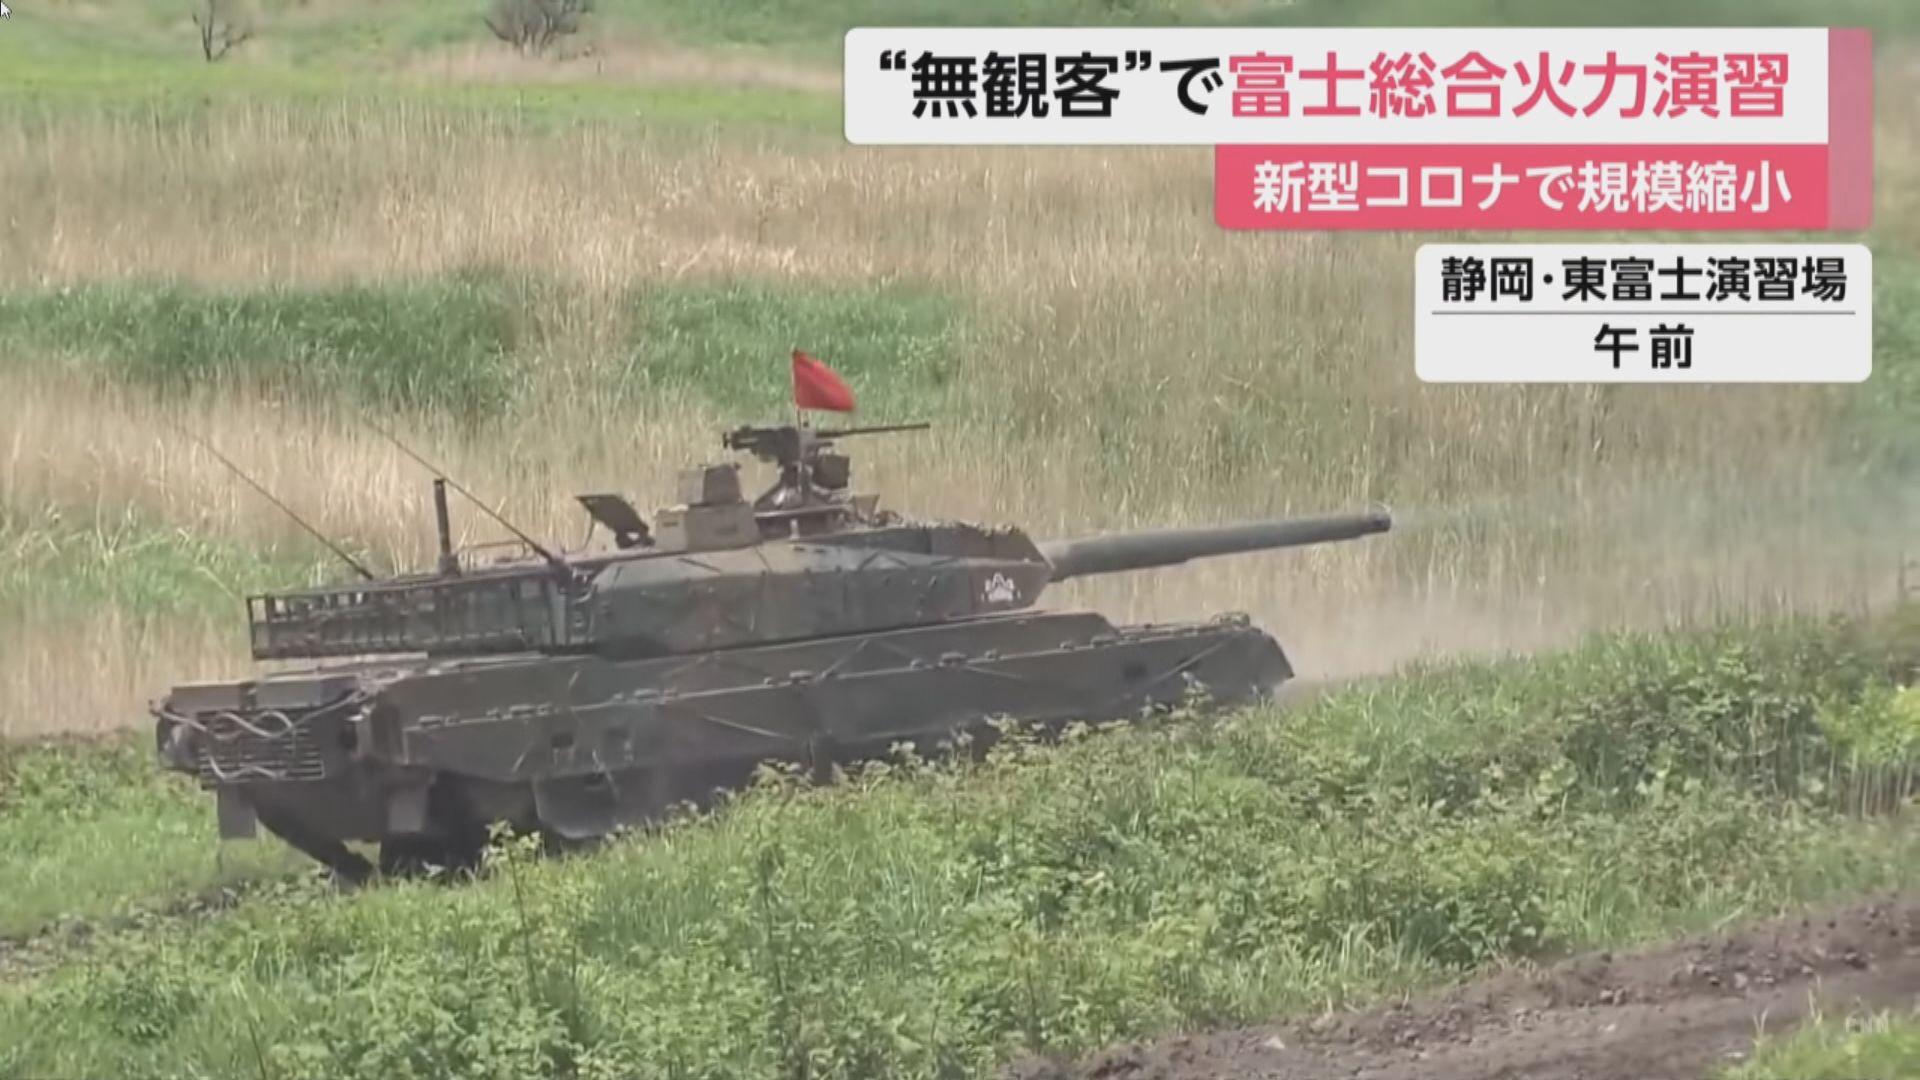 傳日本政府討論自衛隊如何應對台海衝突